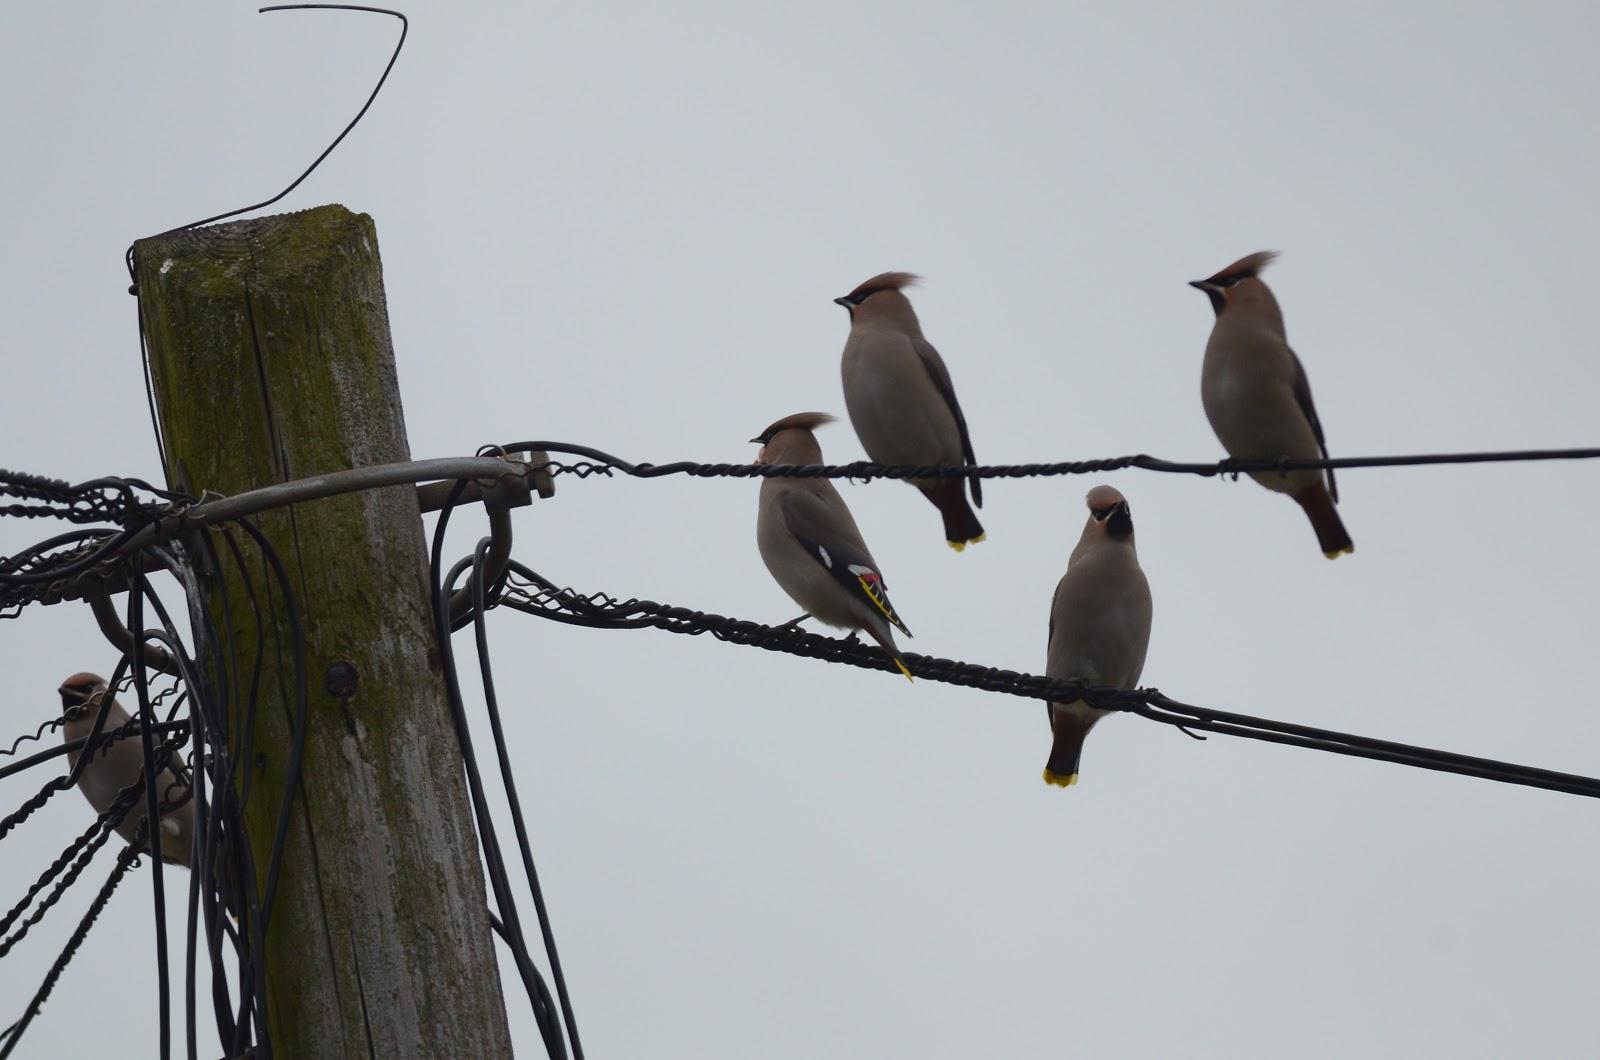 Drimnagh Birdwatch